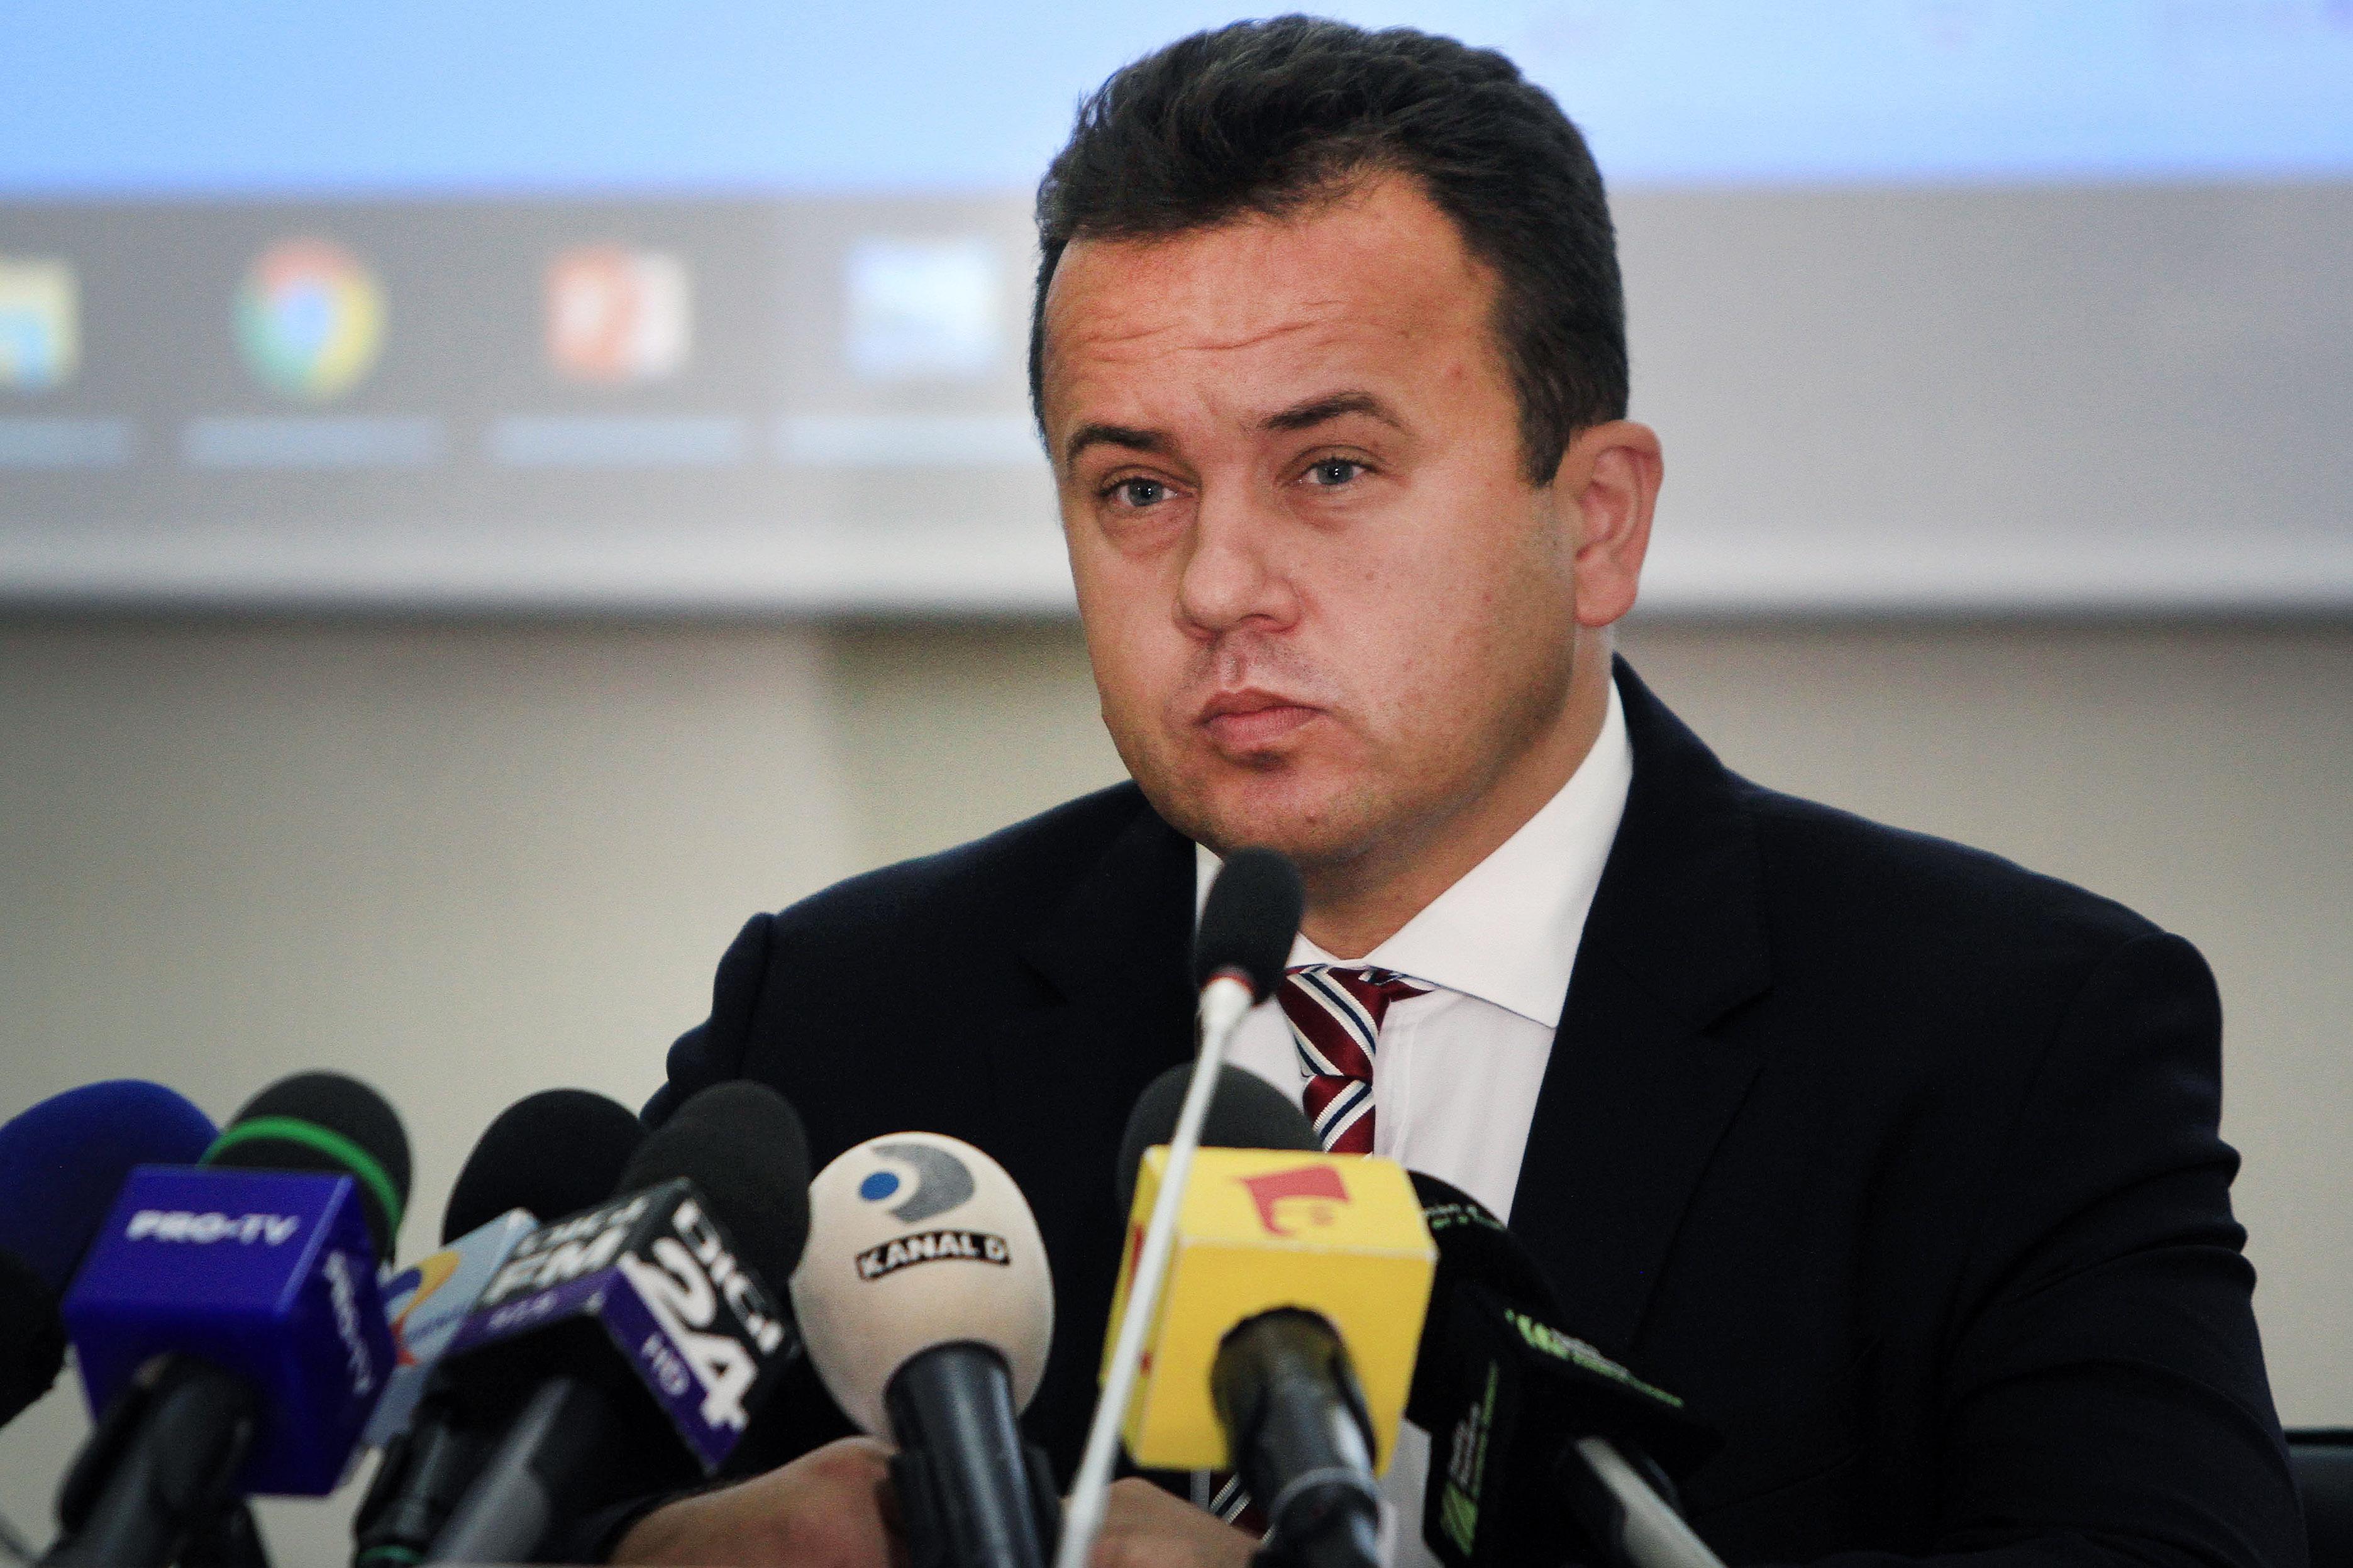 Ministrul Educaţiei anunţă soluţia pentru Liceul romano-catolic din Târgu-Mureş: Ar putea funcţiona pe lângă `Bolyai Farkas`